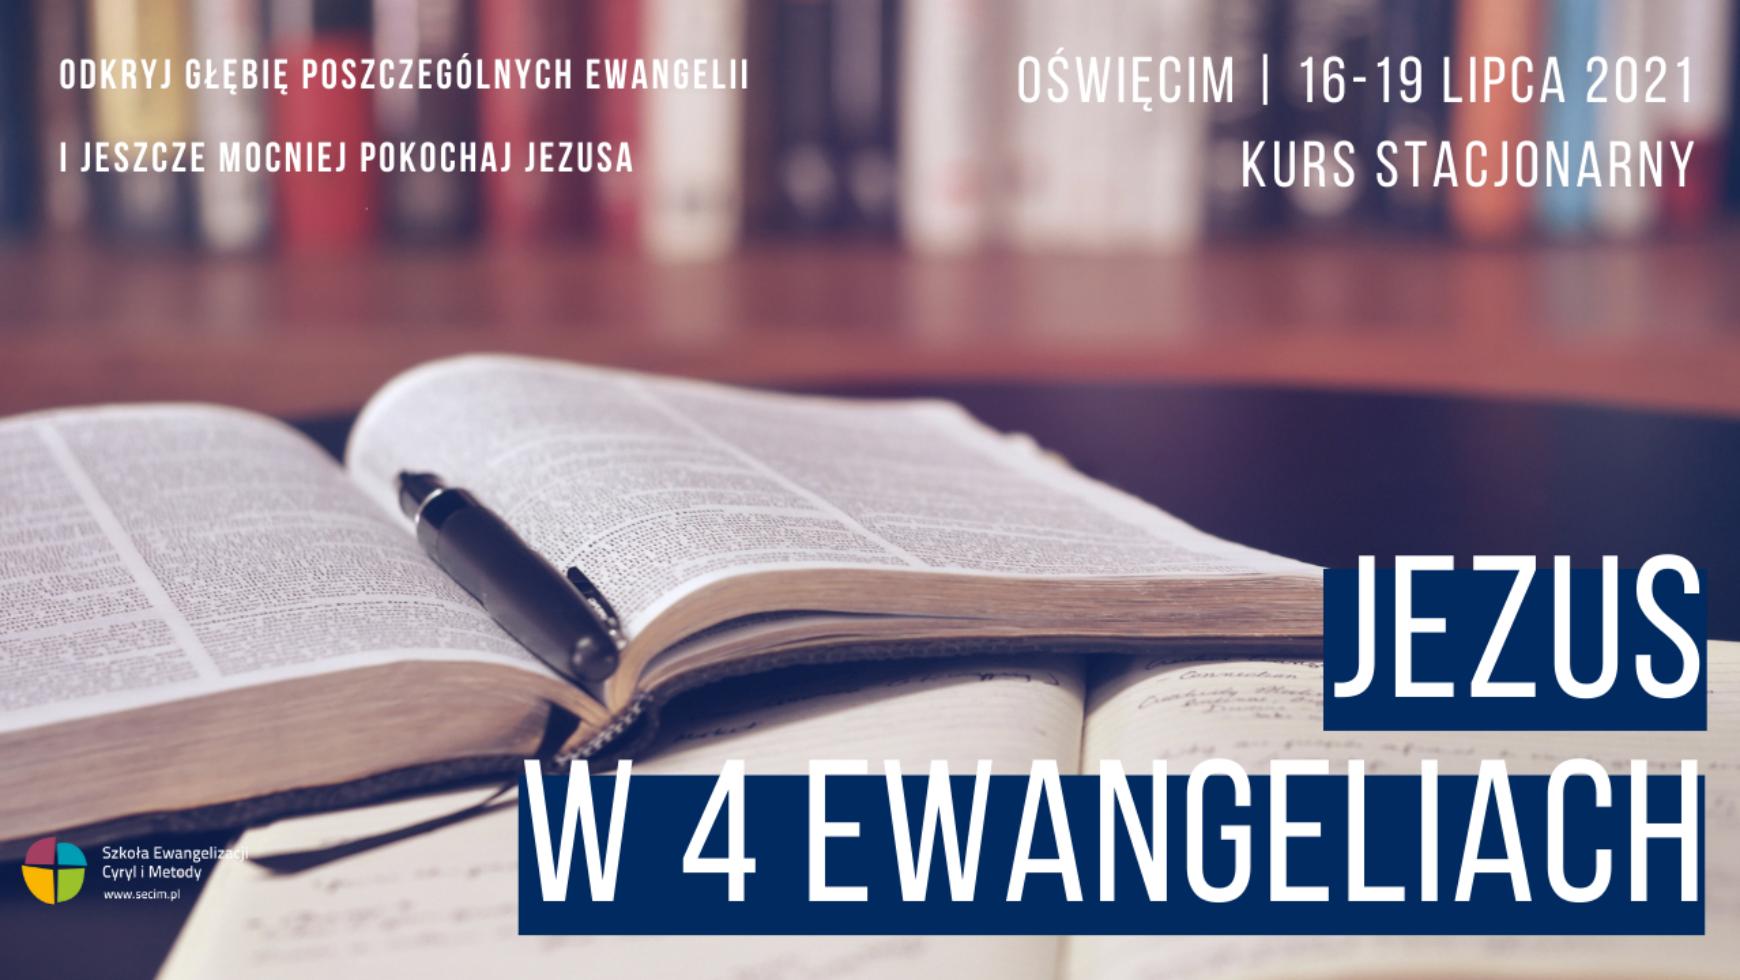 Kurs Jezus w 4 Ewangeliach, Oświęcim